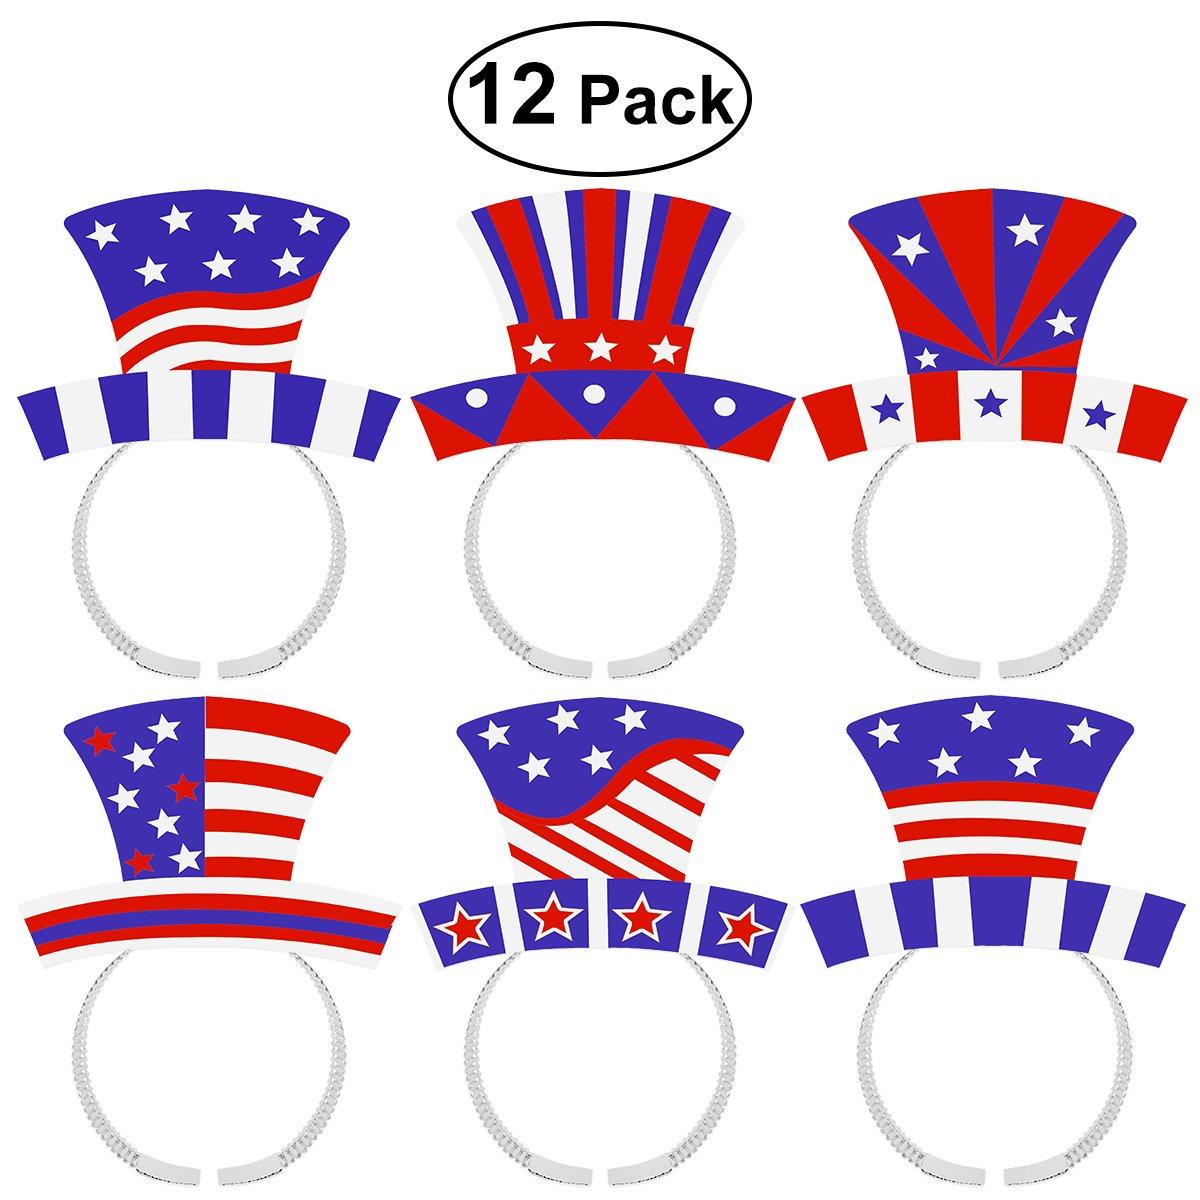 4 de julio Diadema LUOEM Cuarto de julio Fuentes del partido Patriótico Estrella Boppers Bandera americana diademas Día de la Independencia Accesorios del ...